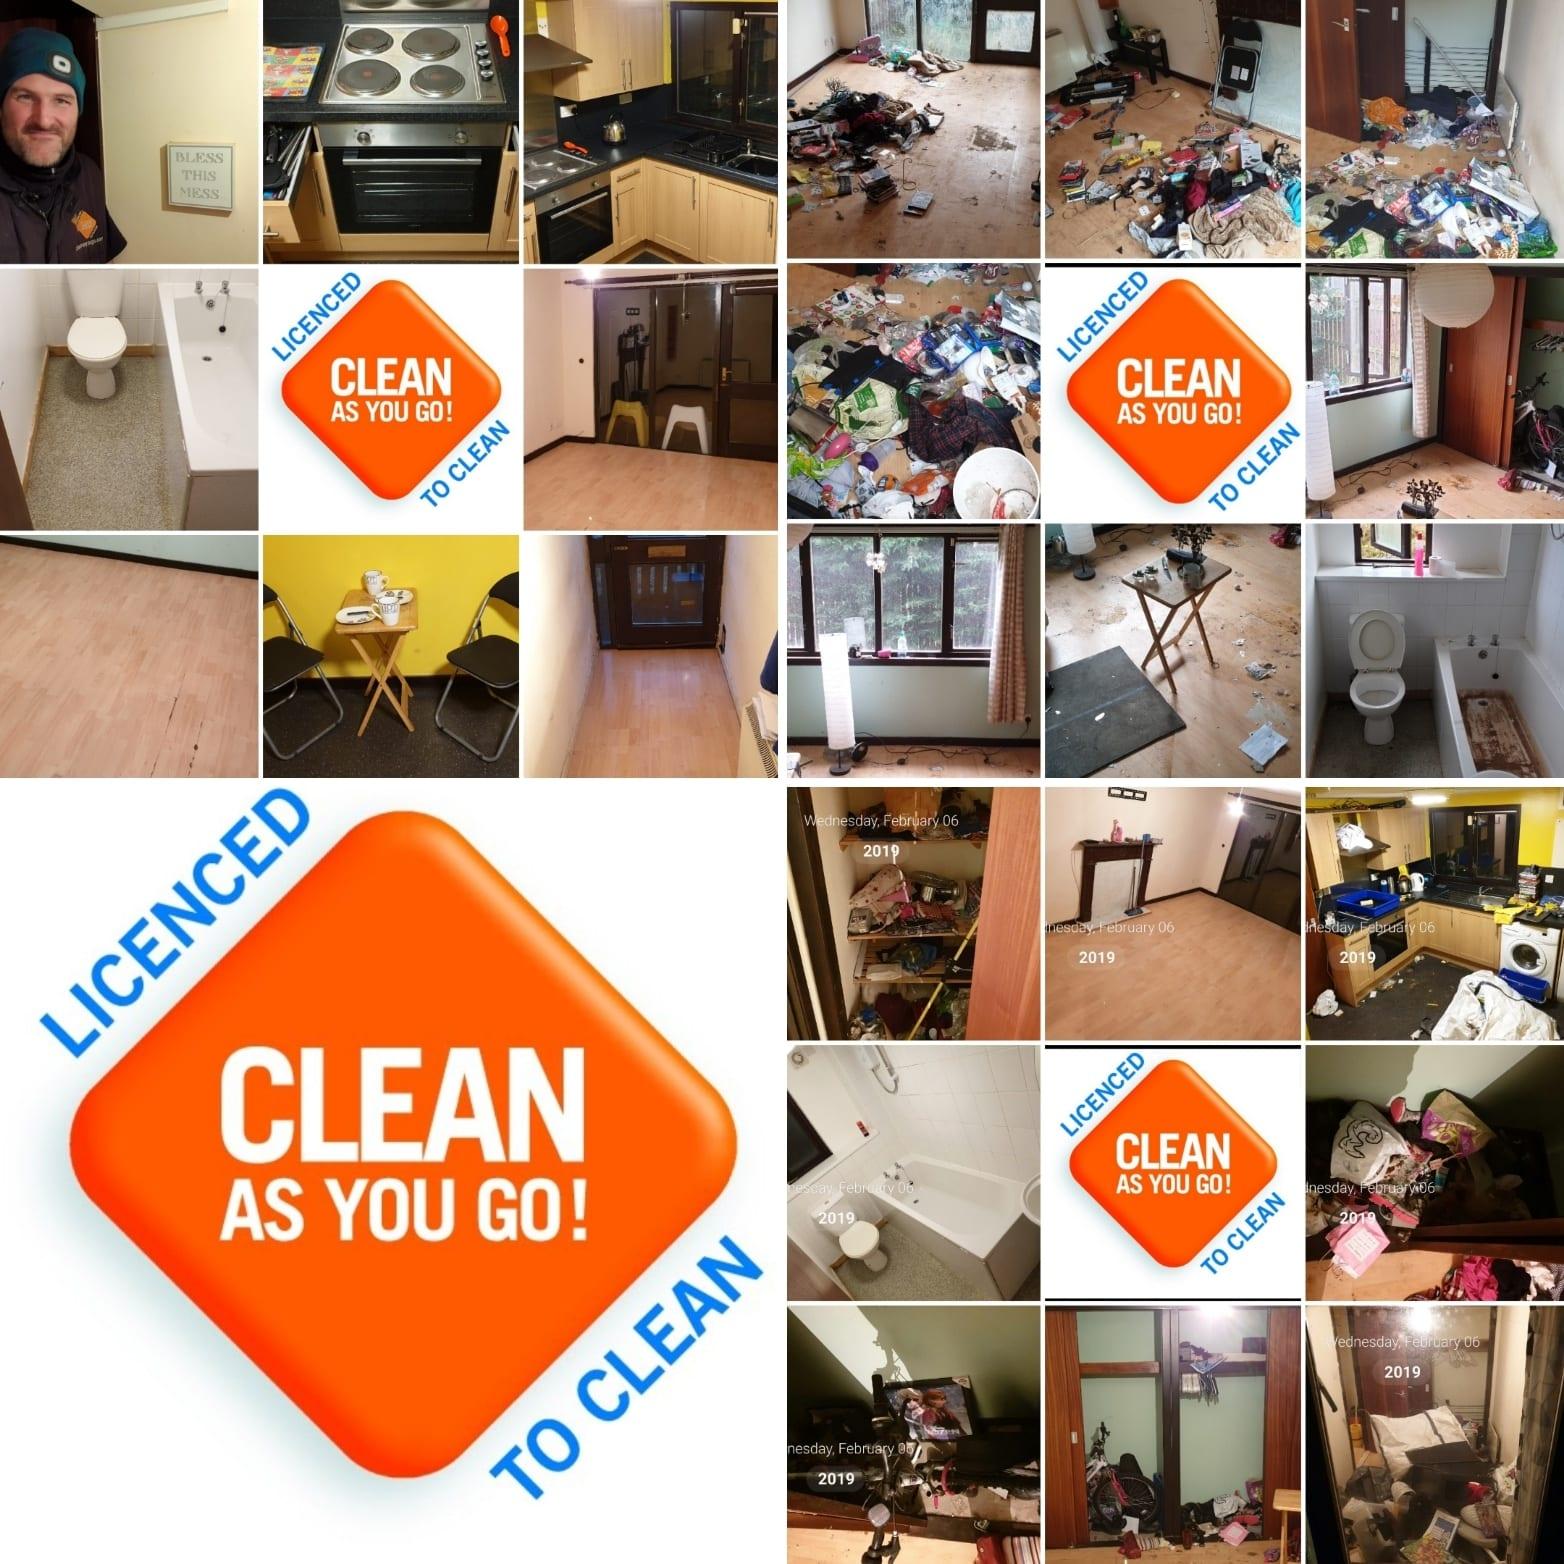 Cleanasyougo.com